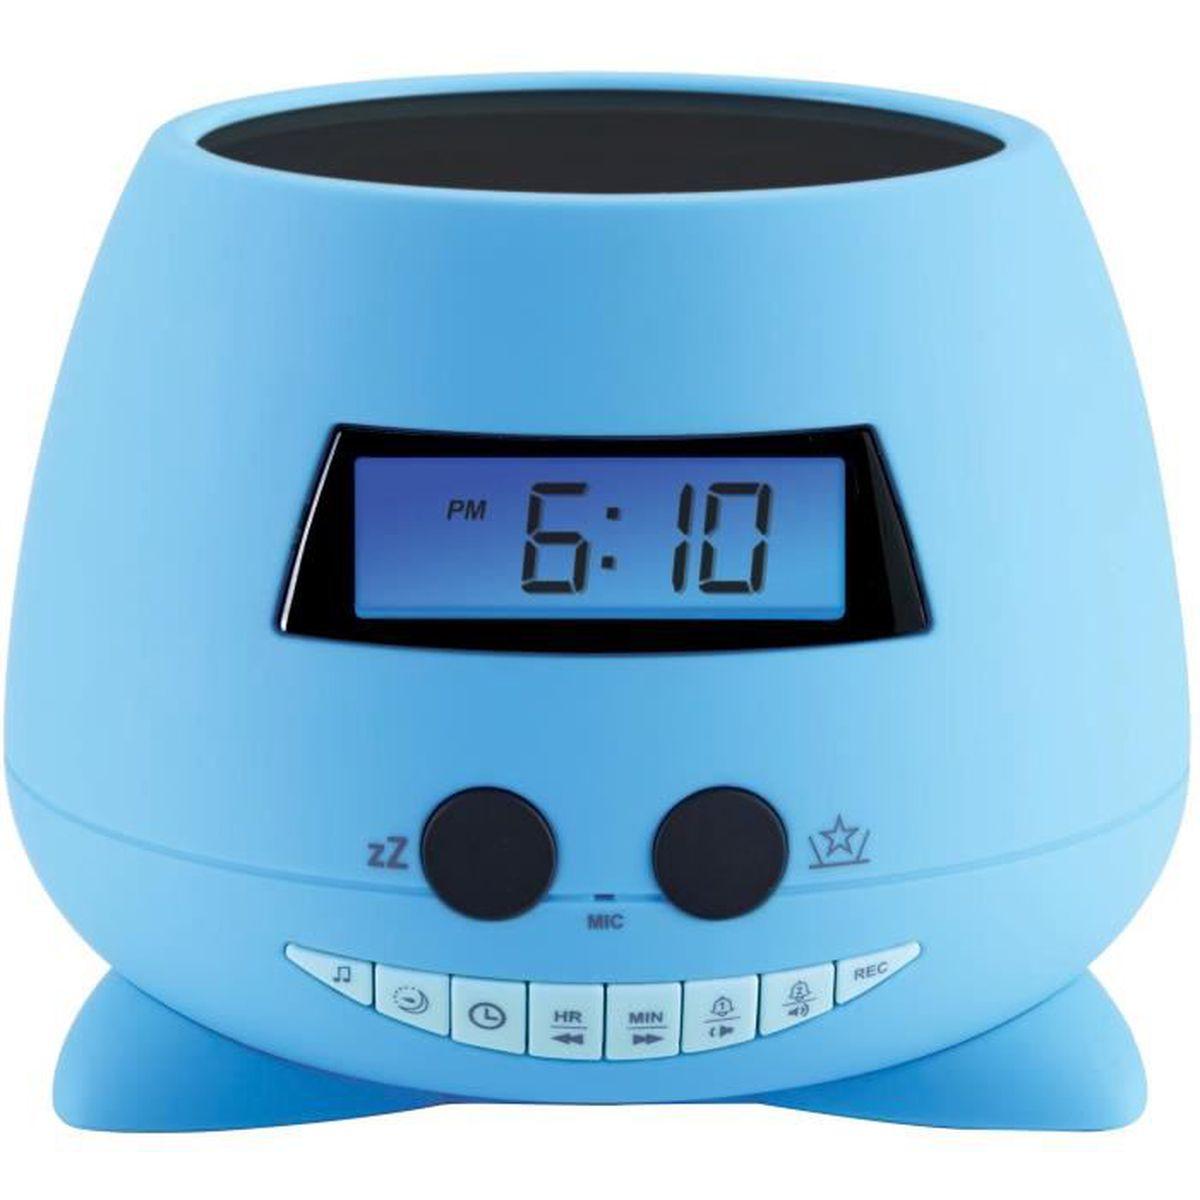 r veil projecteur pour enfant soft touch couleur bleu radio r veil avis et prix pas cher. Black Bedroom Furniture Sets. Home Design Ideas